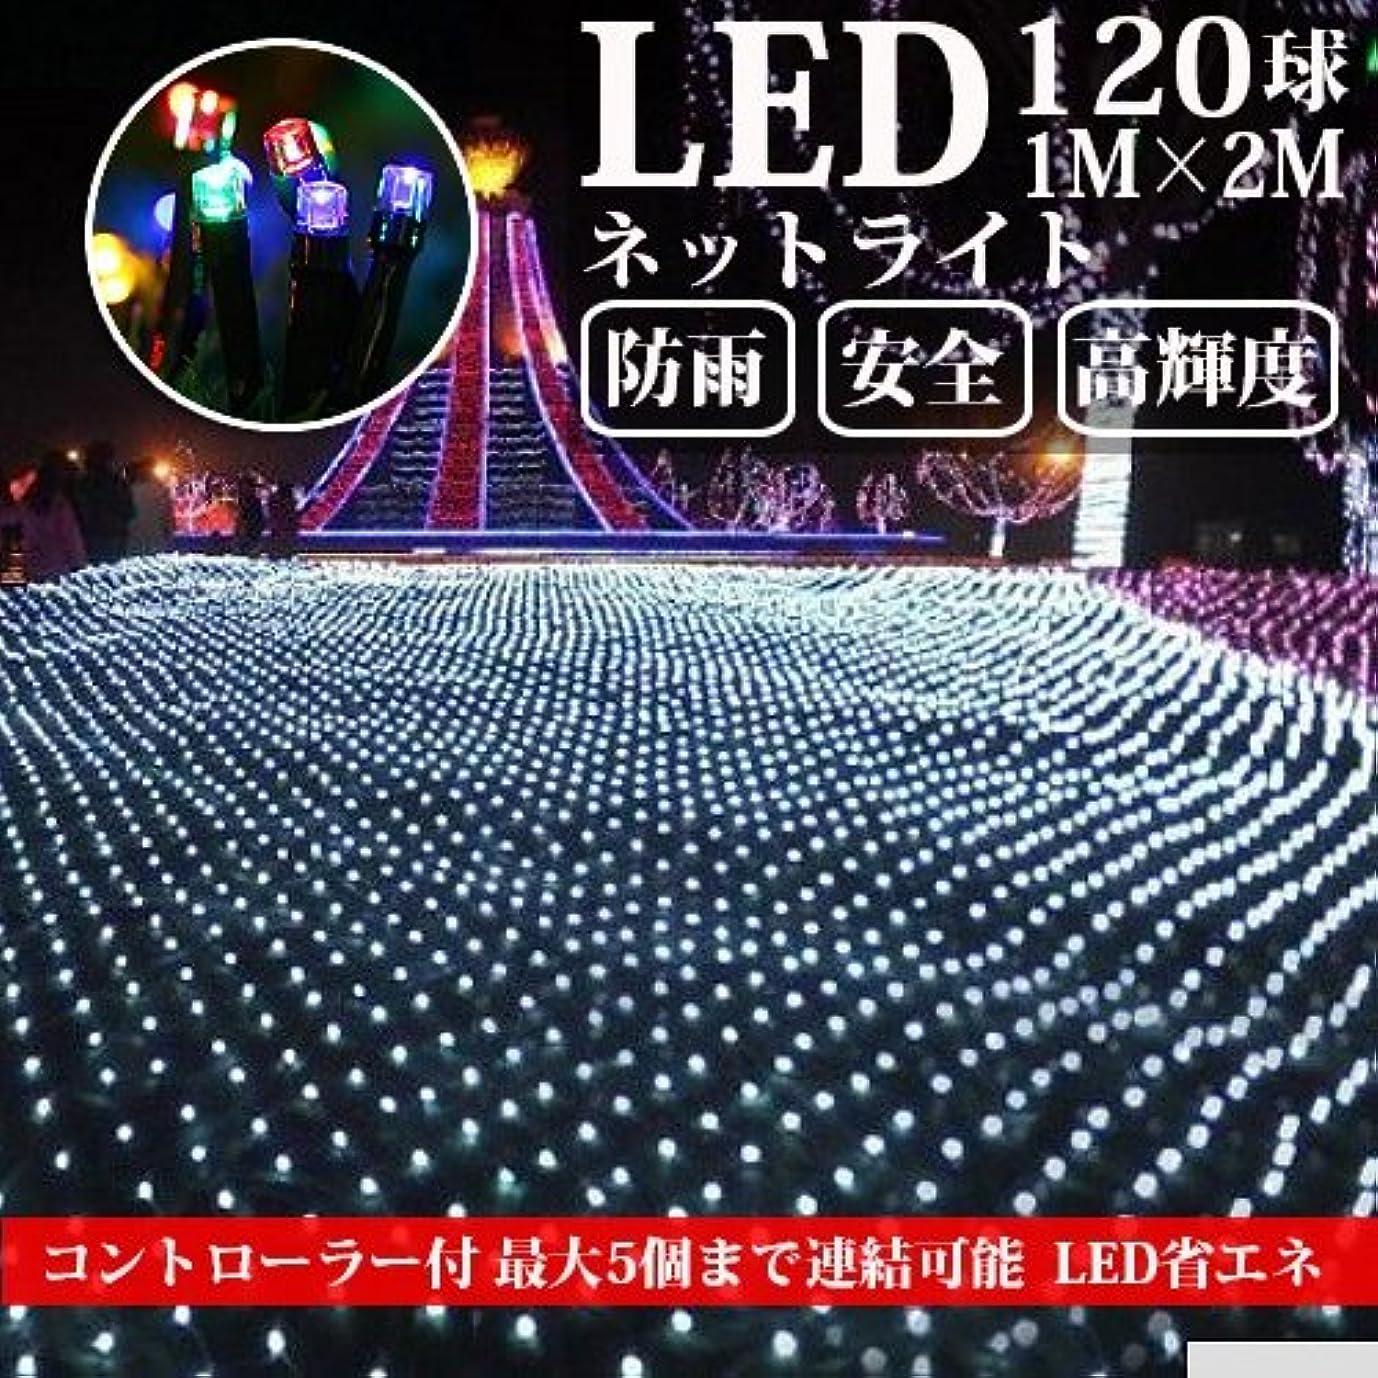 反対に文化含めるLEDネットライト 120球 1M×2M コード直径1.6mm 5本まで連結可能 イルミネーション クリスマス 防雨型屋外使用可能 (ブラックコード, 4色ミックス(赤、緑、青、黄色))